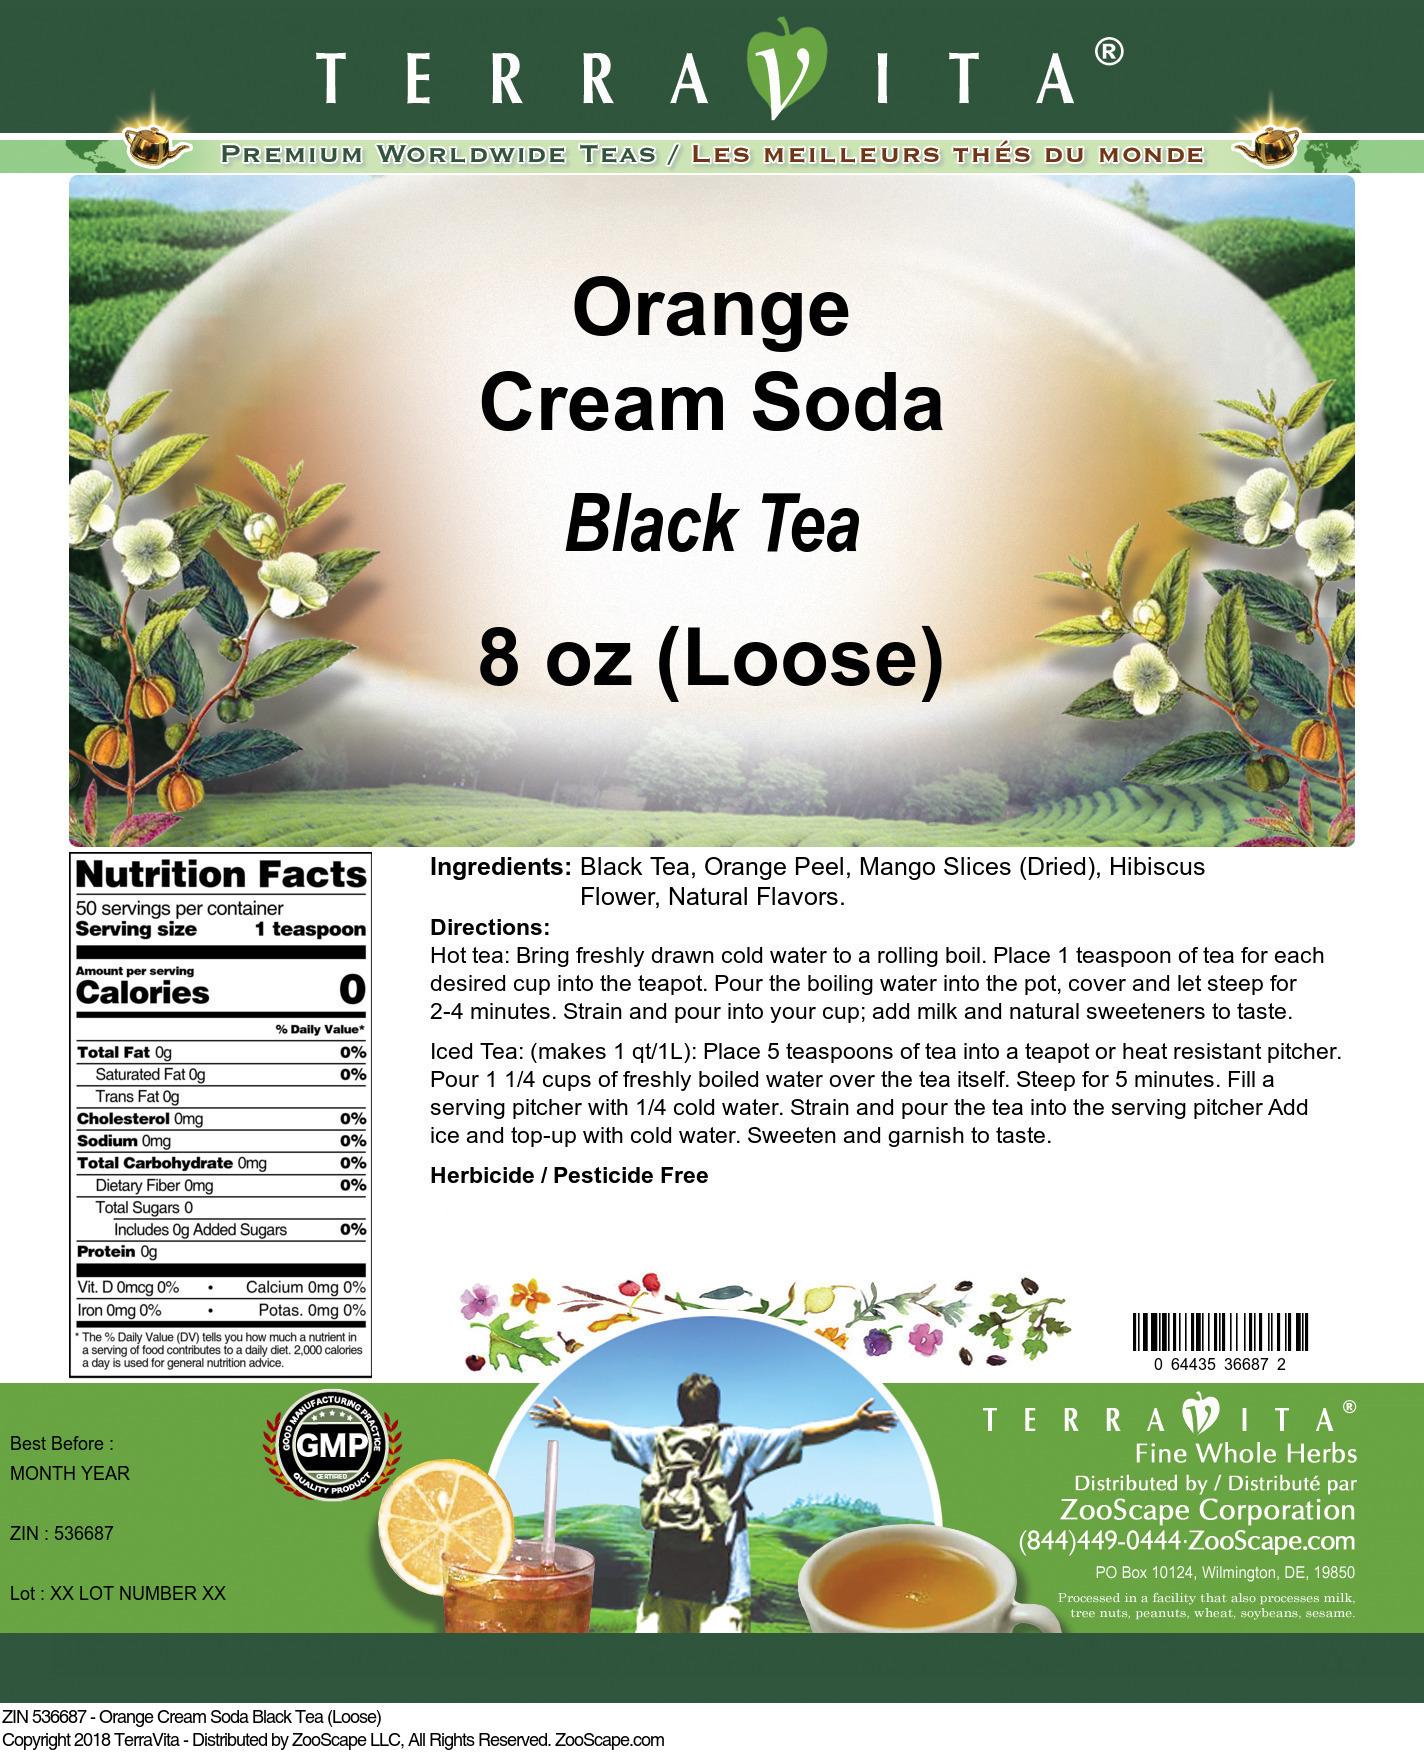 Orange Cream Soda Black Tea (Loose)